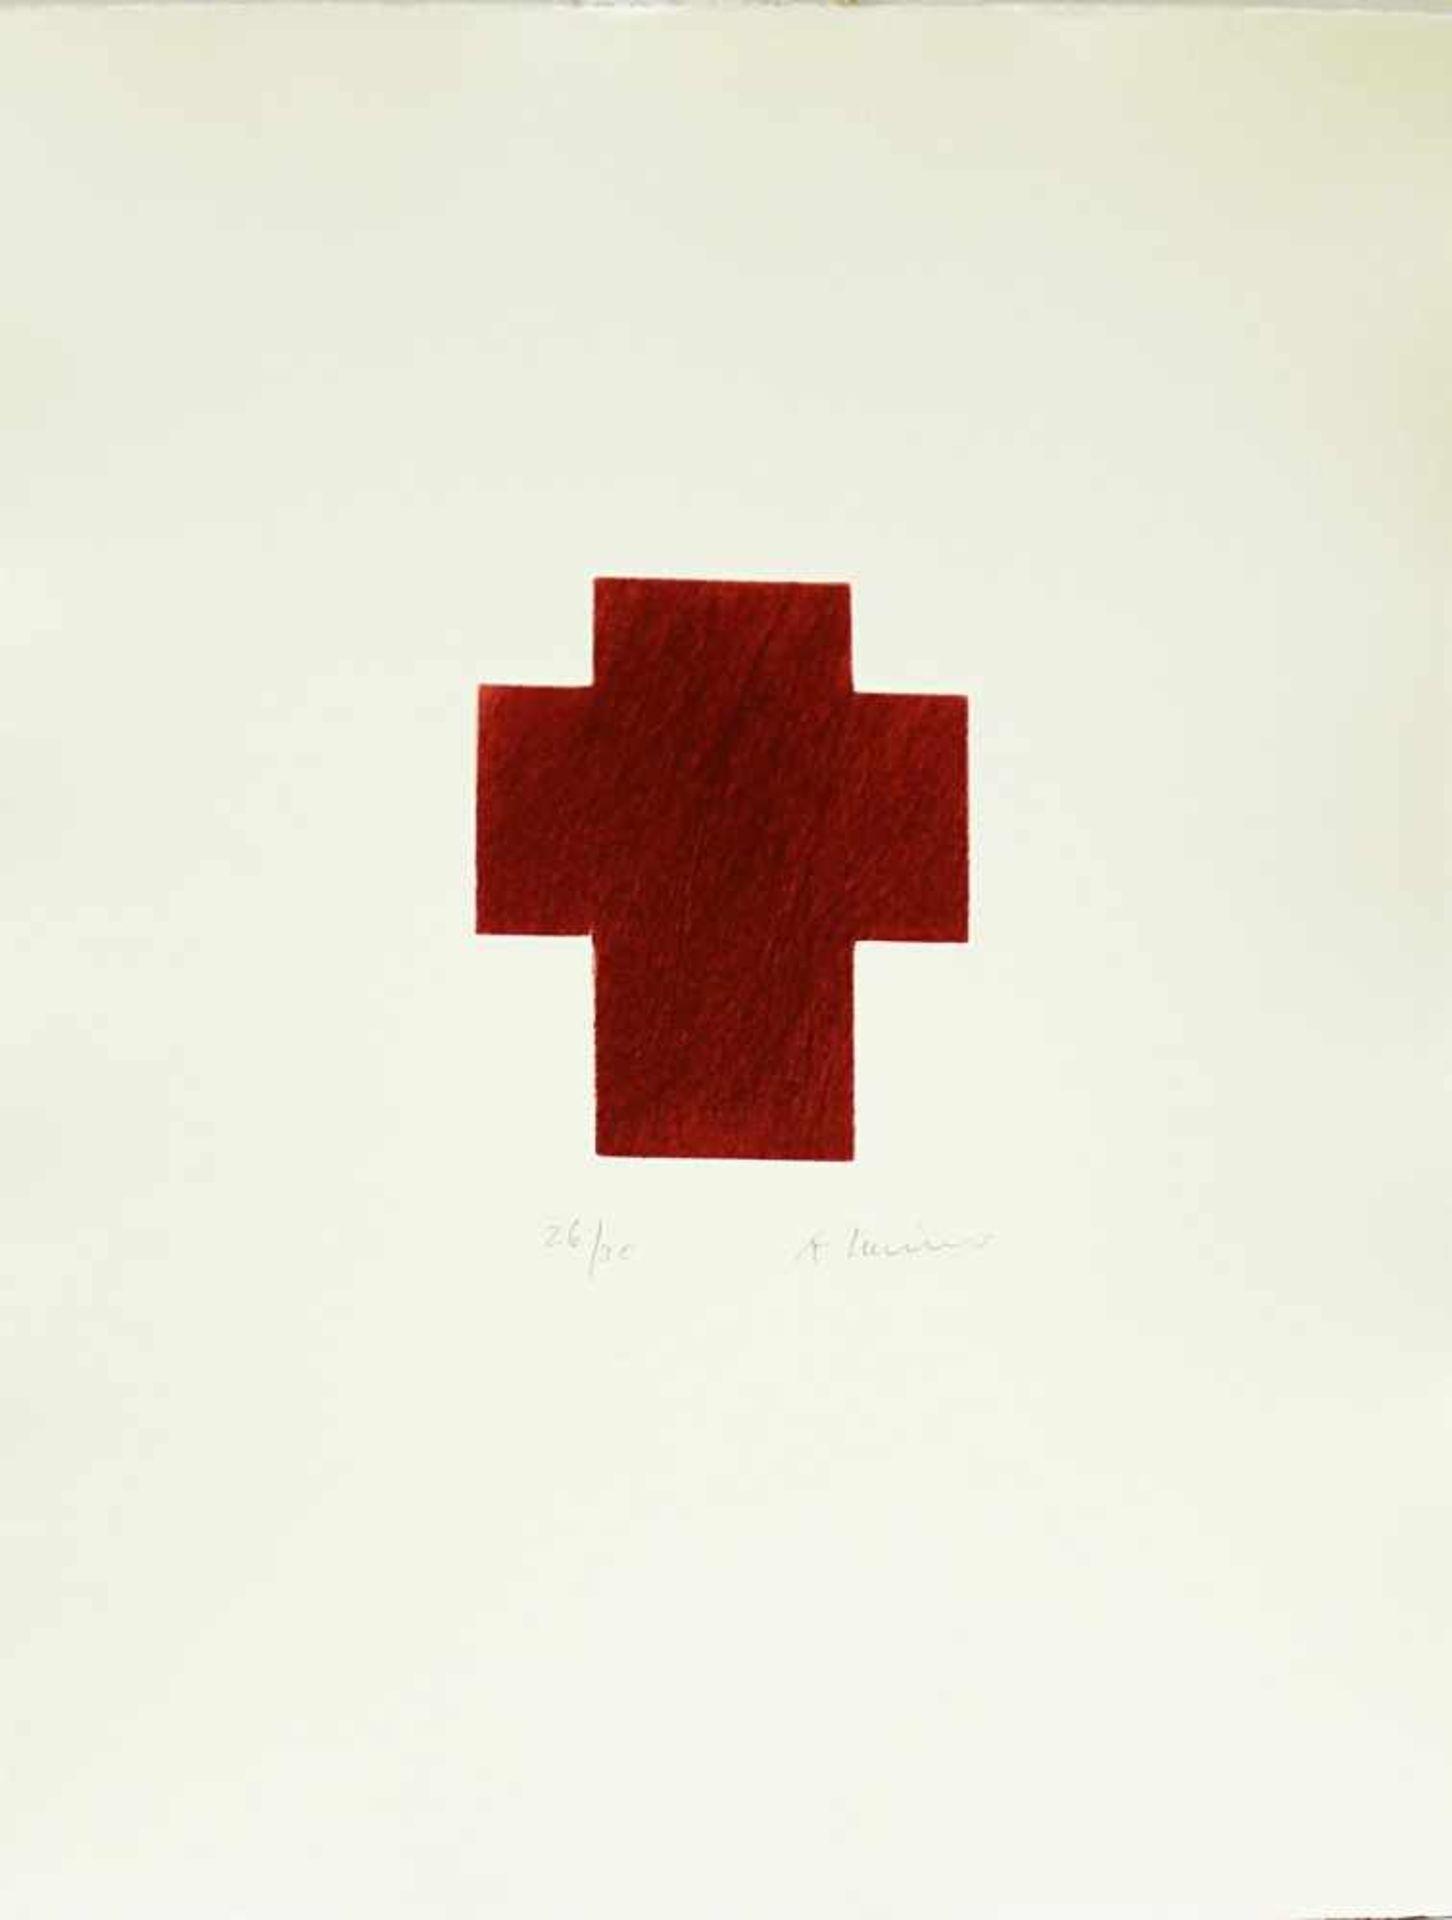 Arnulf Rainer geb. 1929 Kreuz Rot Dunkel 2009 Kaltnadelradierung handsigniert und nummeriert 26/30